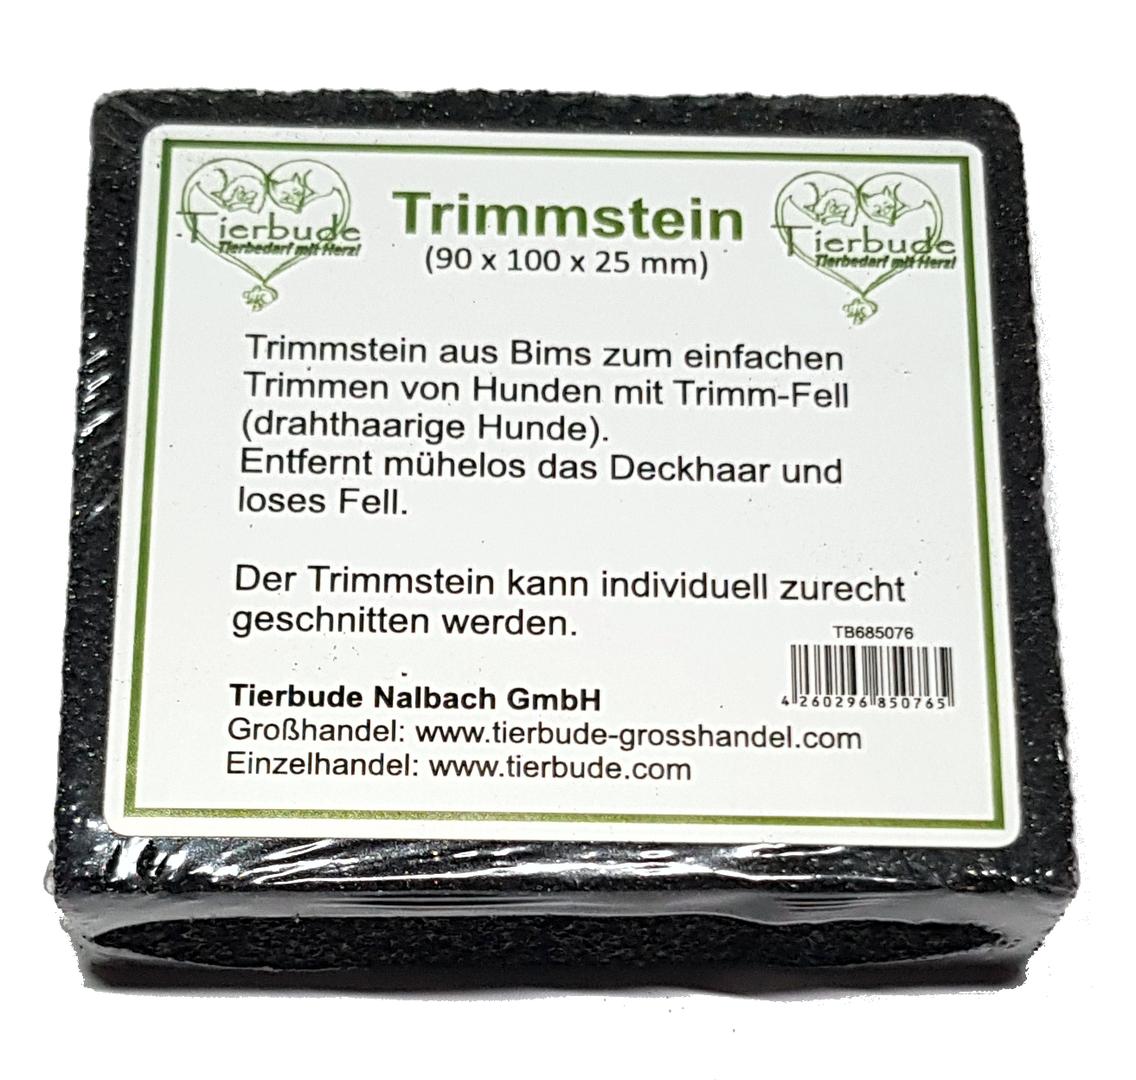 Tierbude Trimmstein, 90 x 100 x 25 mm